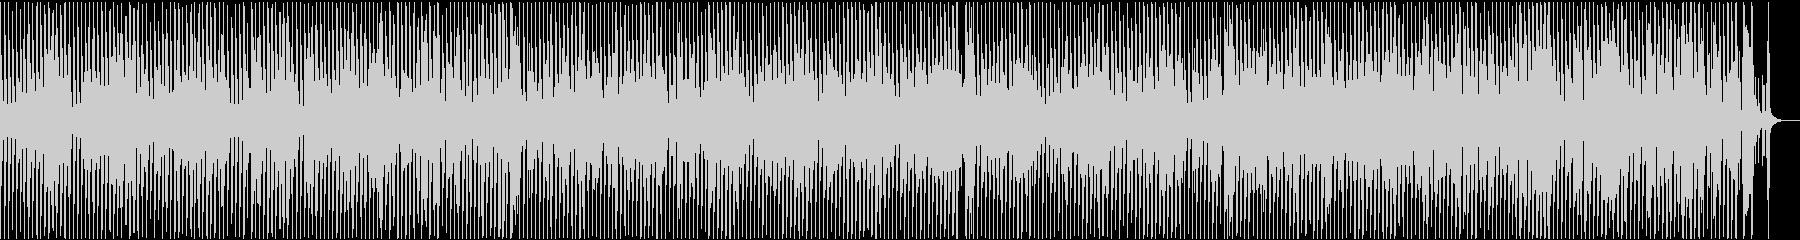 軽快なトランペットが特徴の映像用BGMの未再生の波形